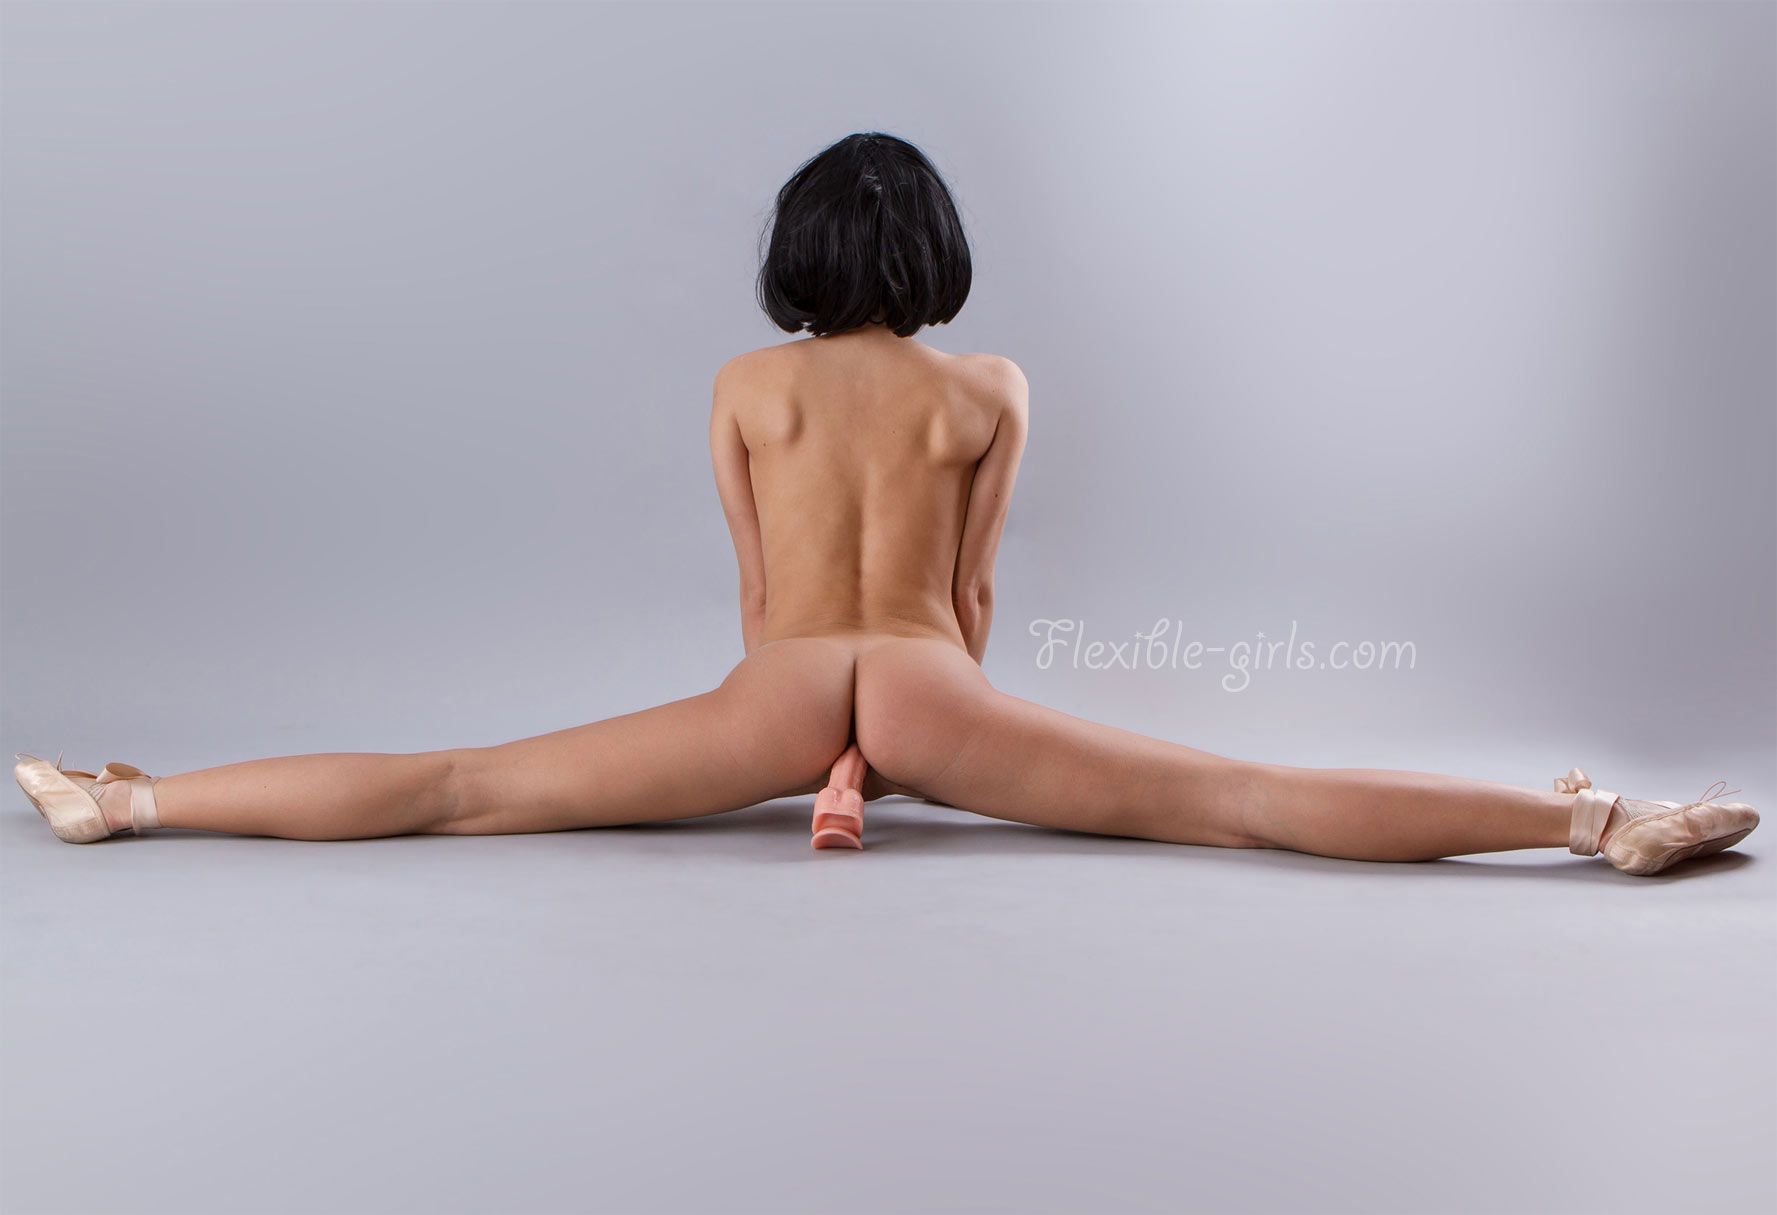 young girls Flexible